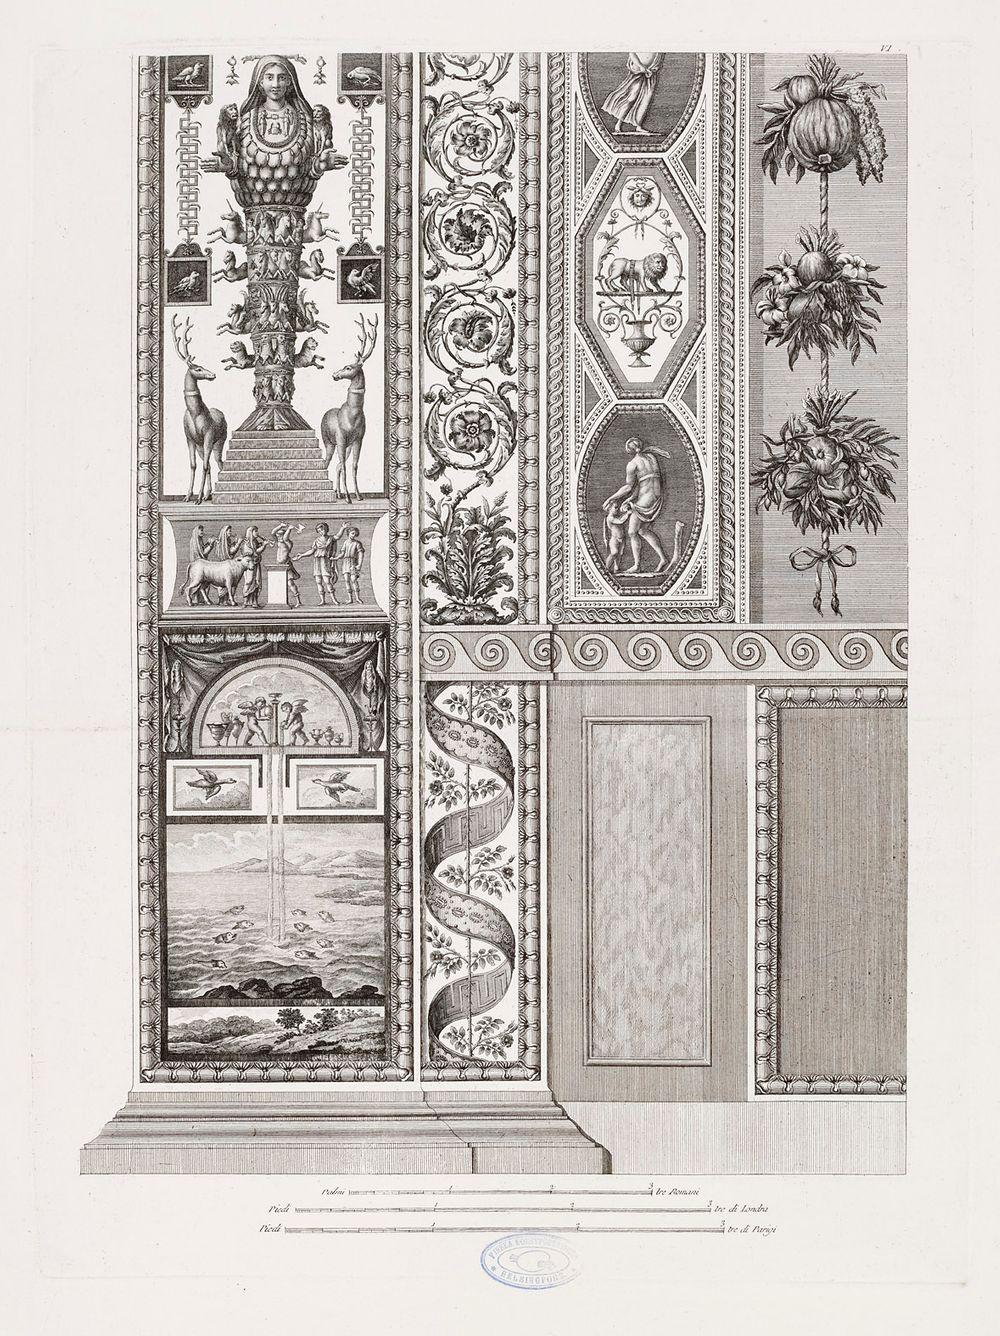 Salkusta: Architettura ed ornati della loggia del Vaticano